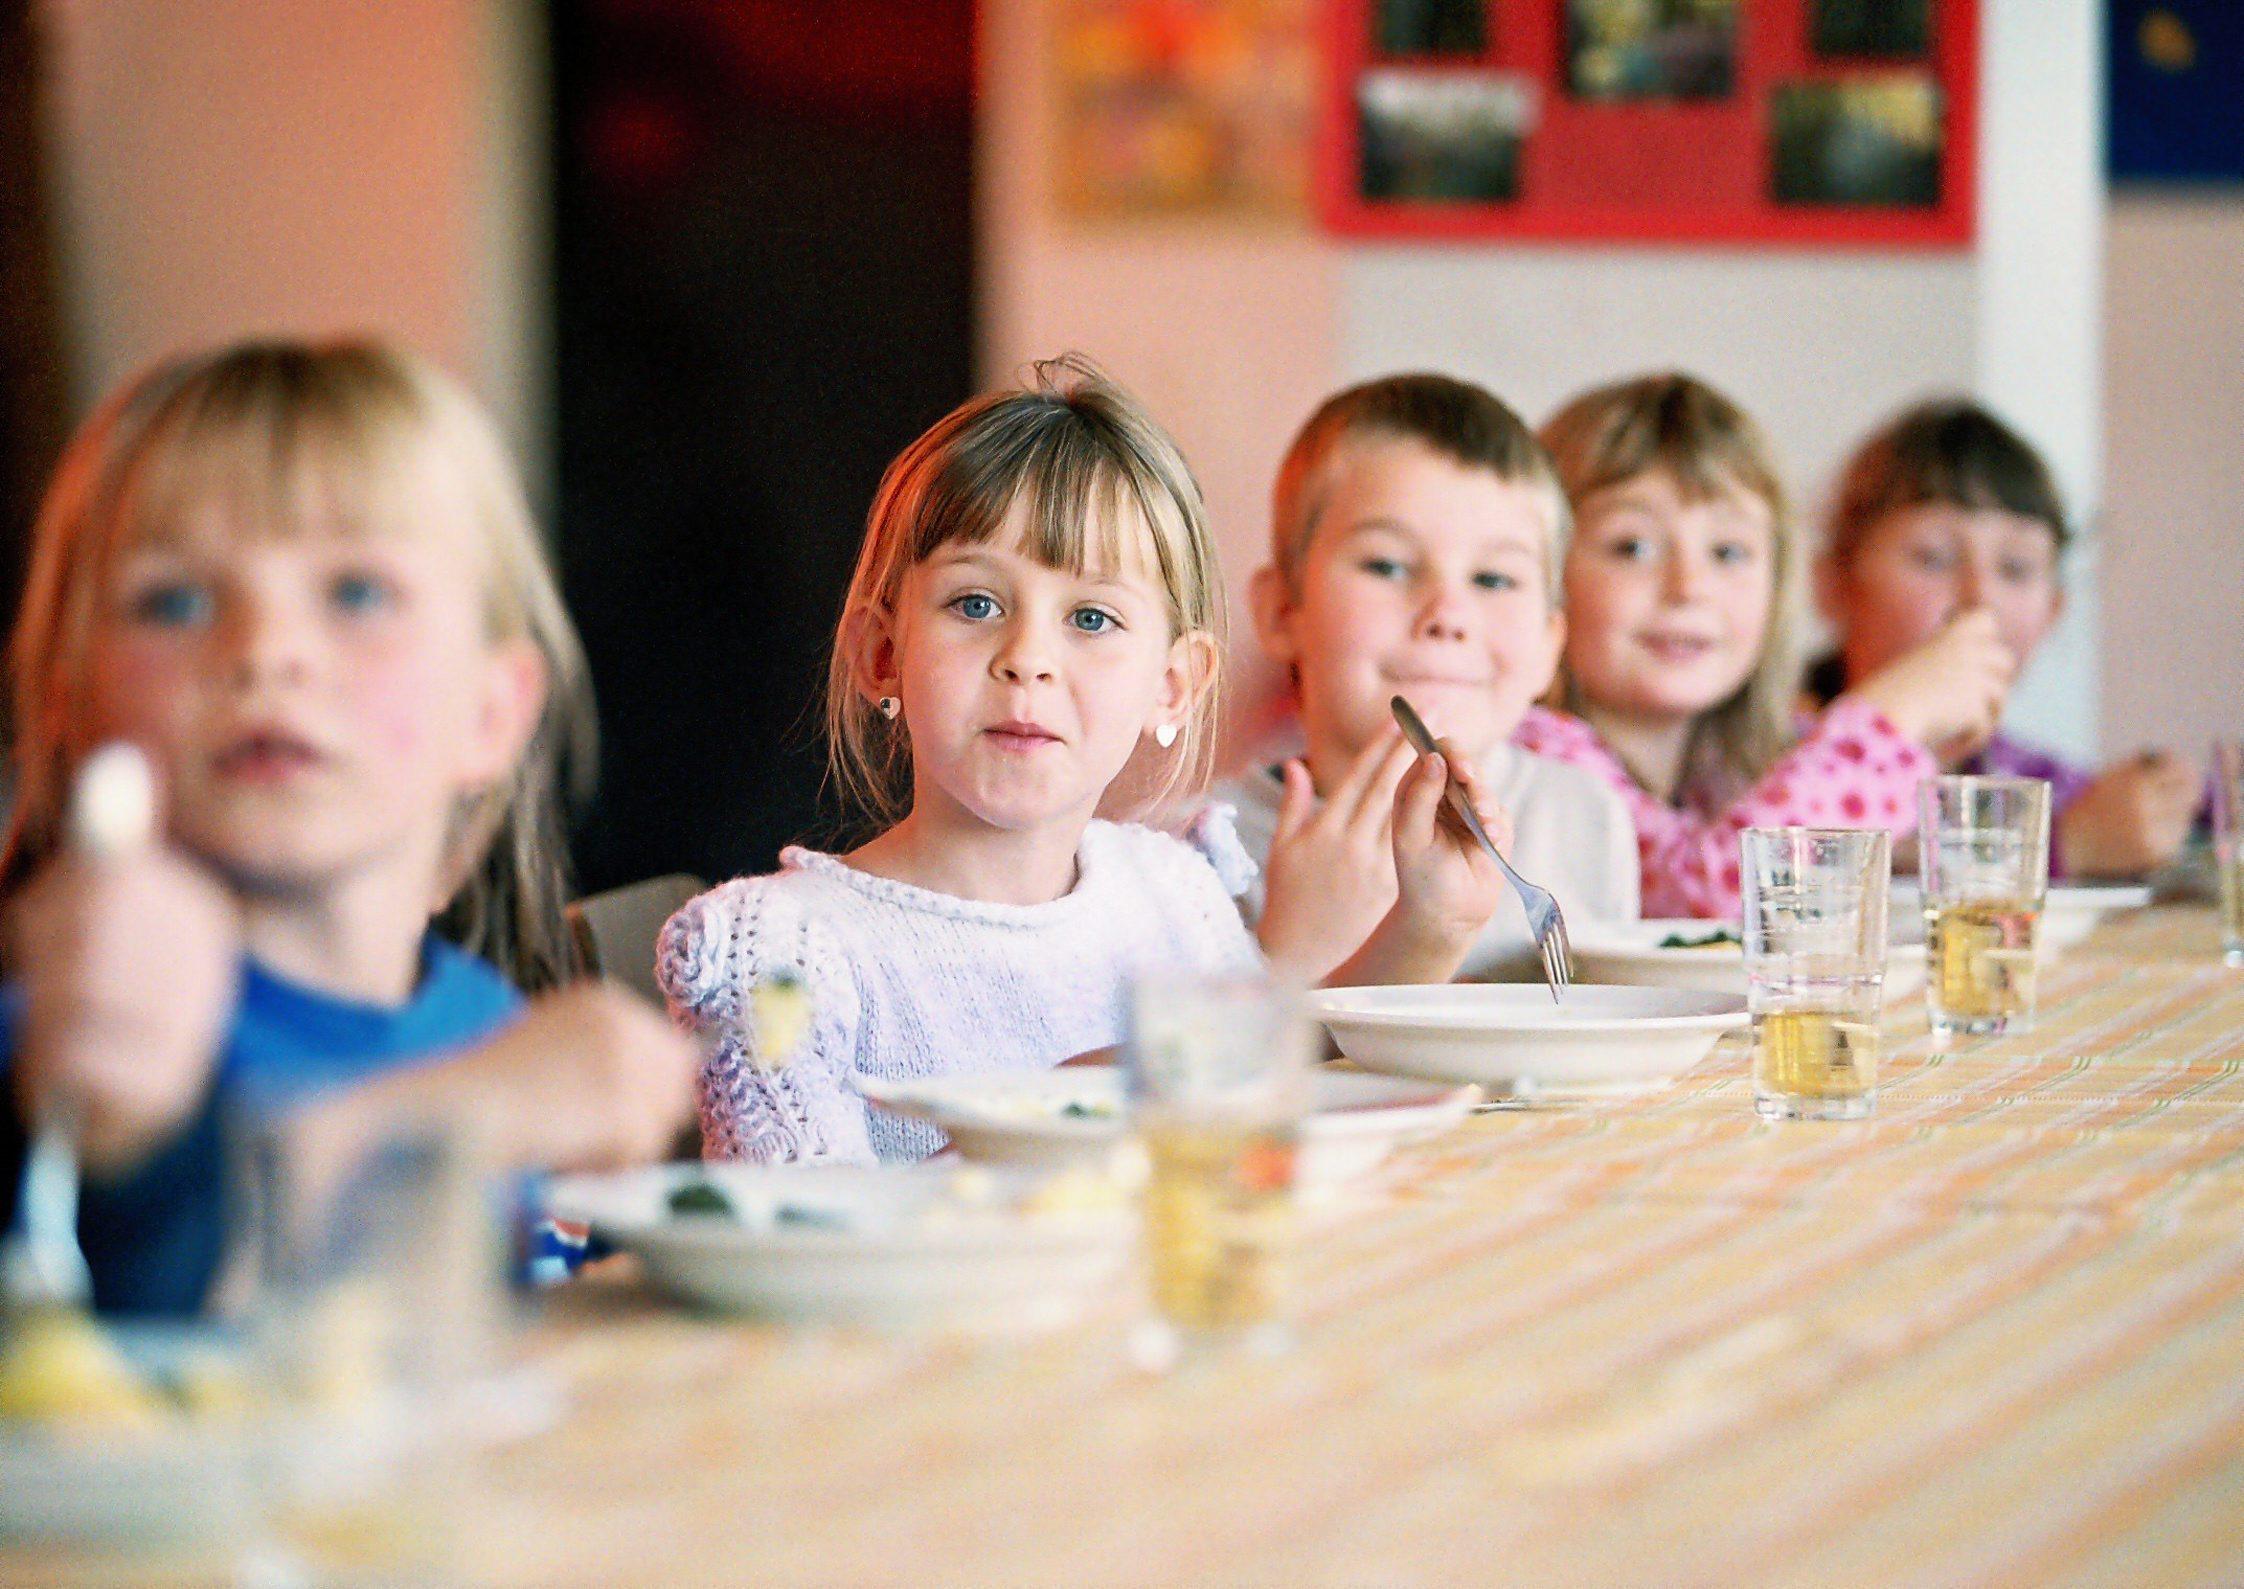 essen in der schule so wichtig ist gesundes essen f r kinder evidero. Black Bedroom Furniture Sets. Home Design Ideas